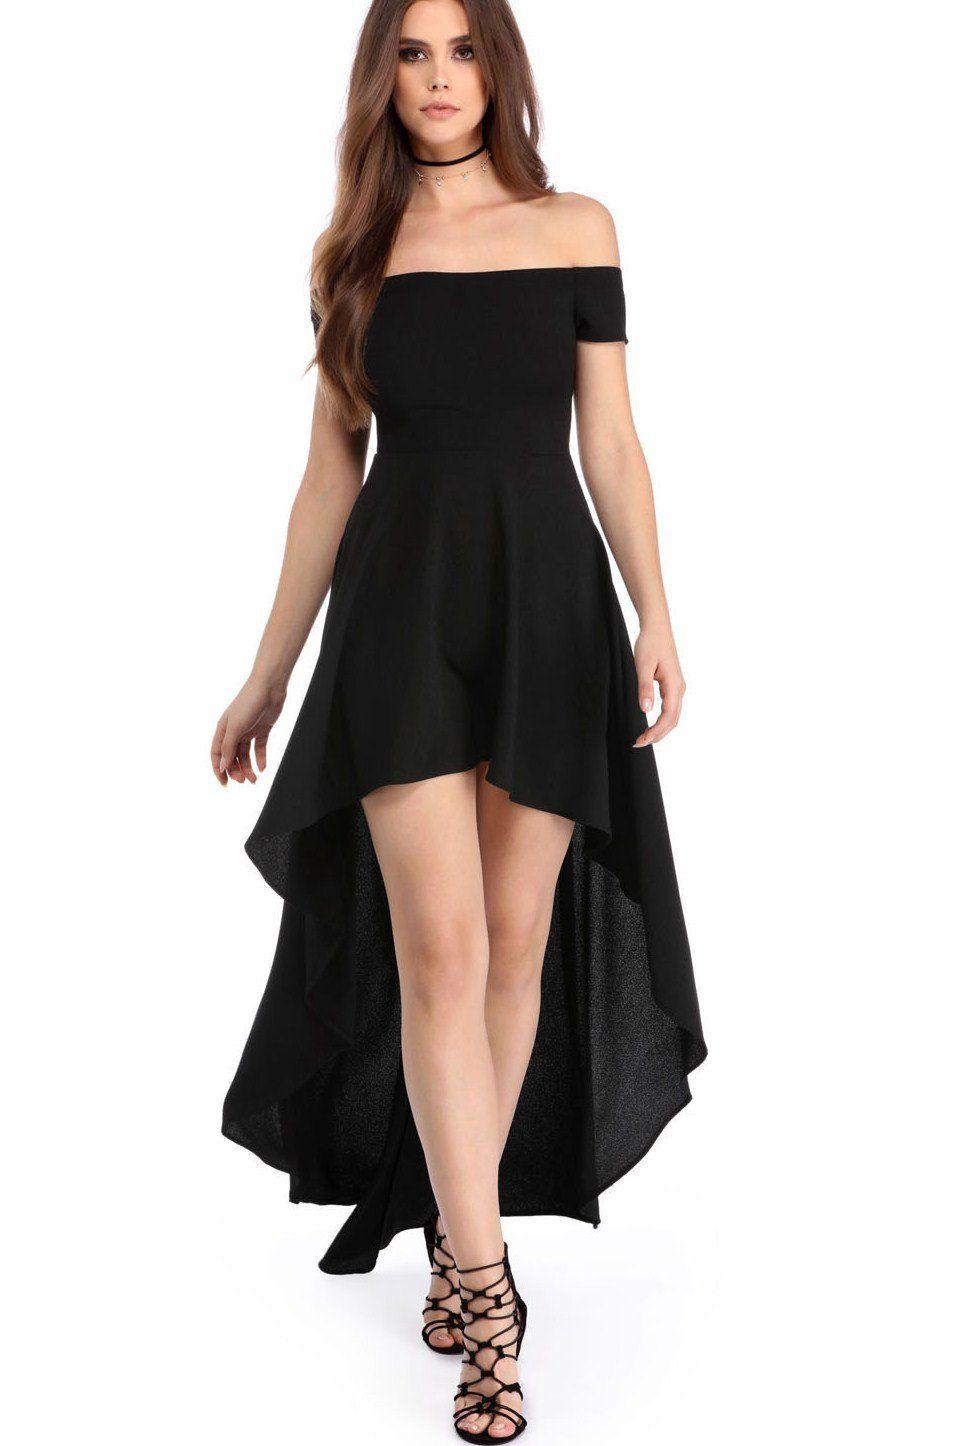 chic women's elegant black high low hem off shoulder party